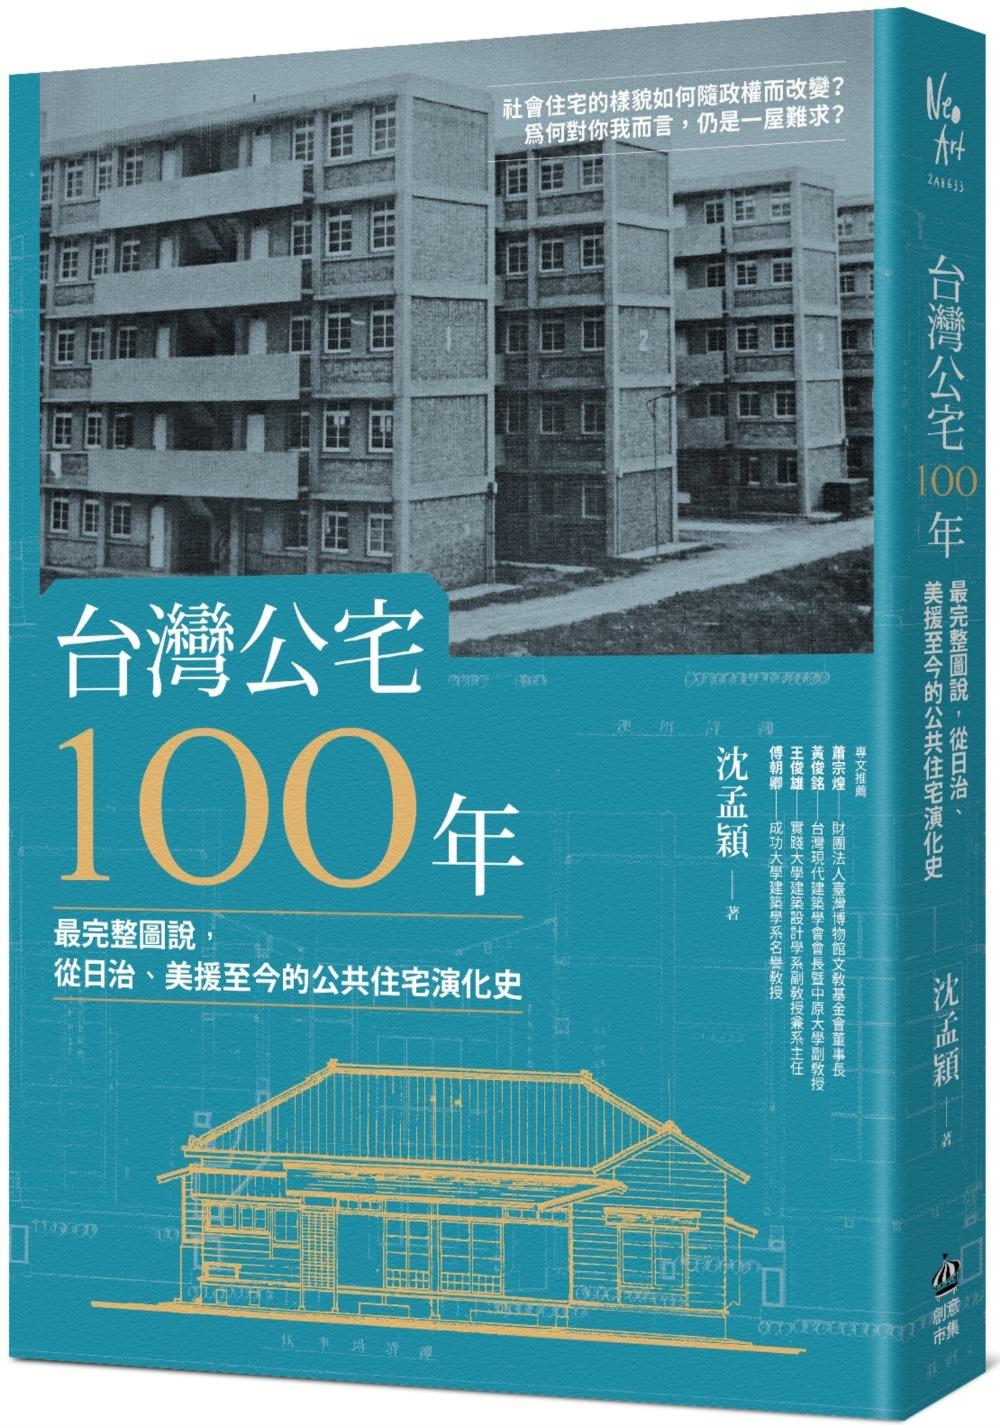 台灣公宅100年──最完整圖說...